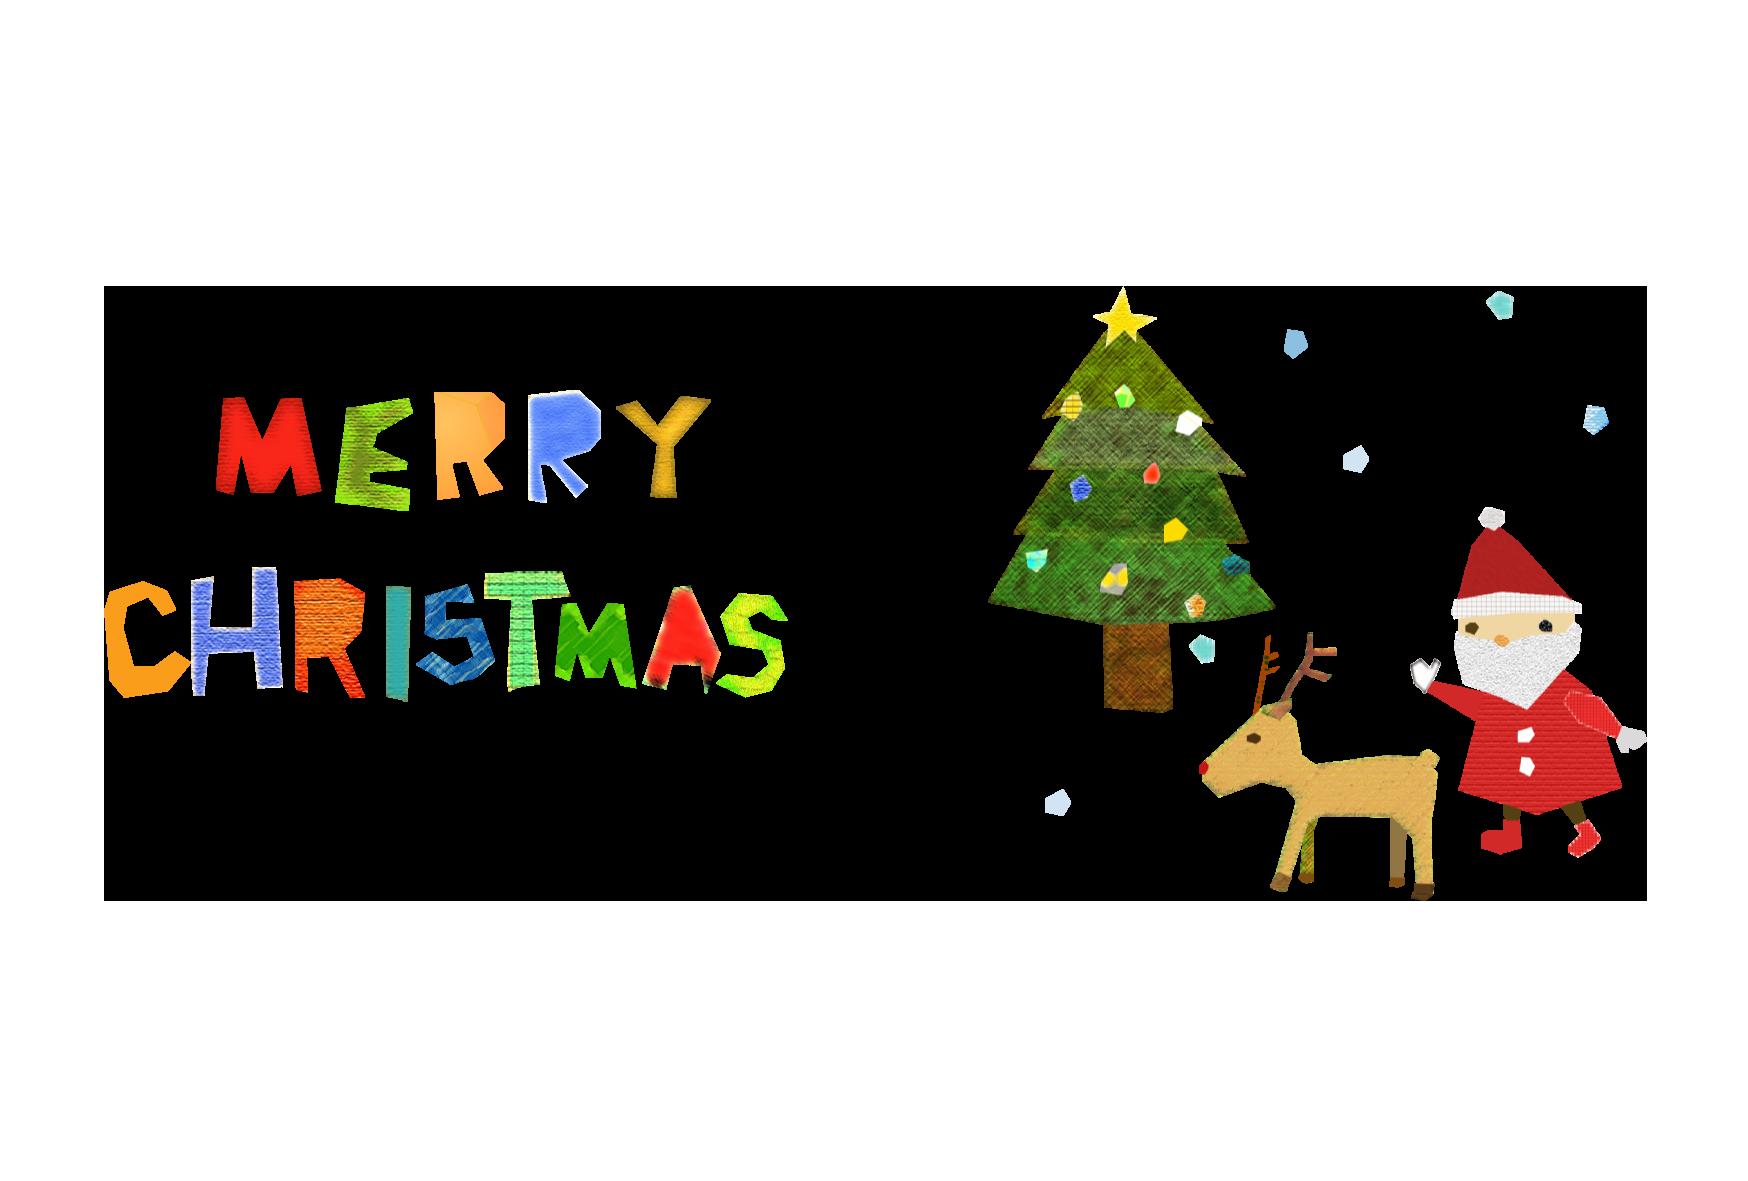 クリスマスカード コラージュ風テンプレート 無料 イラストk